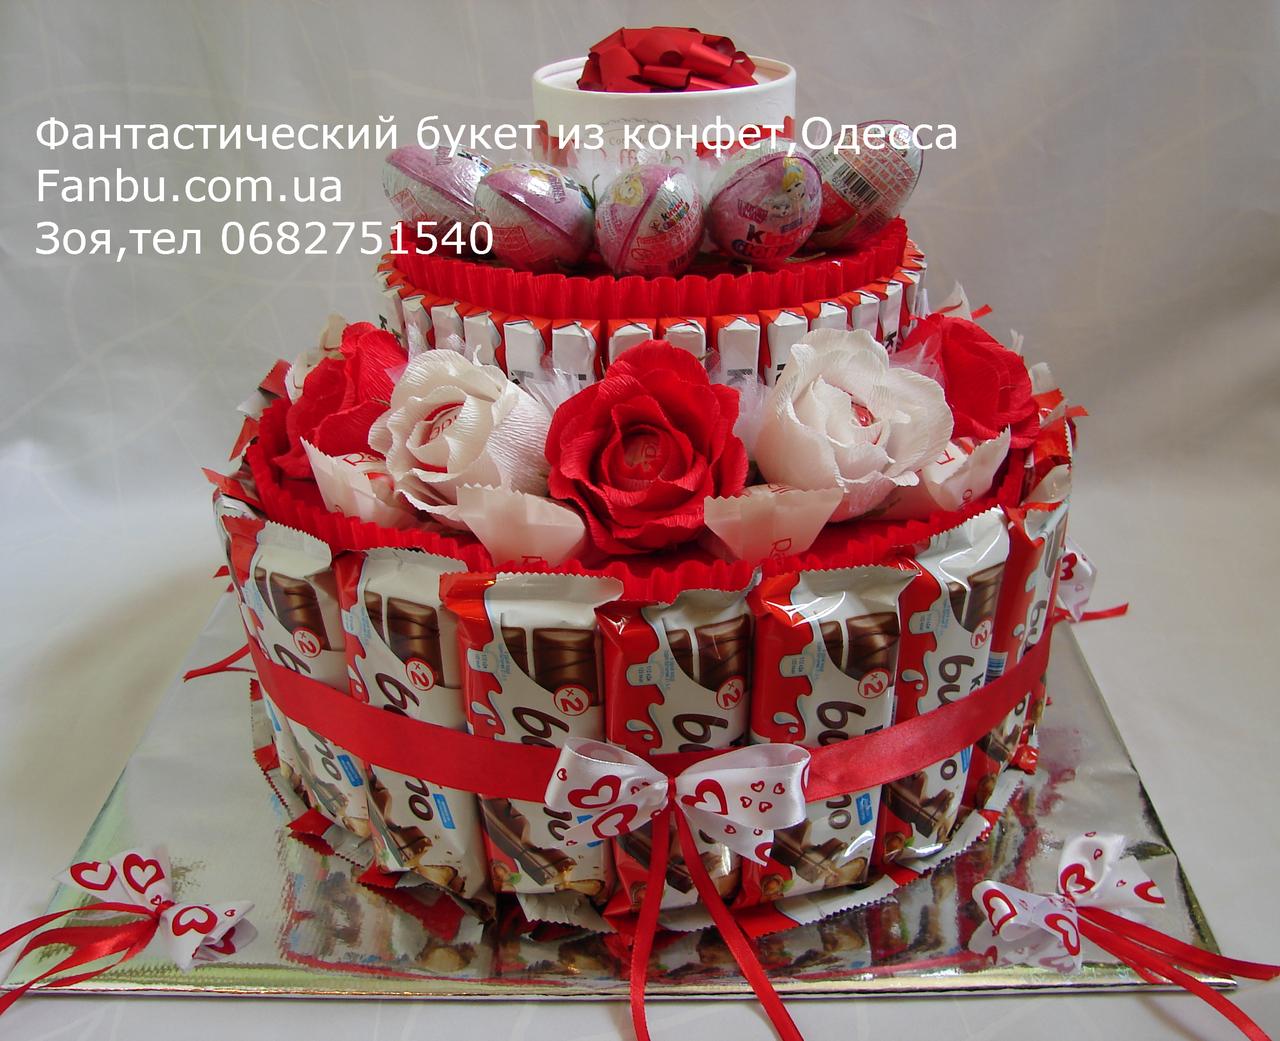 """Сладкий торт из киндер продукции """"Киндер остров """", фото 1"""